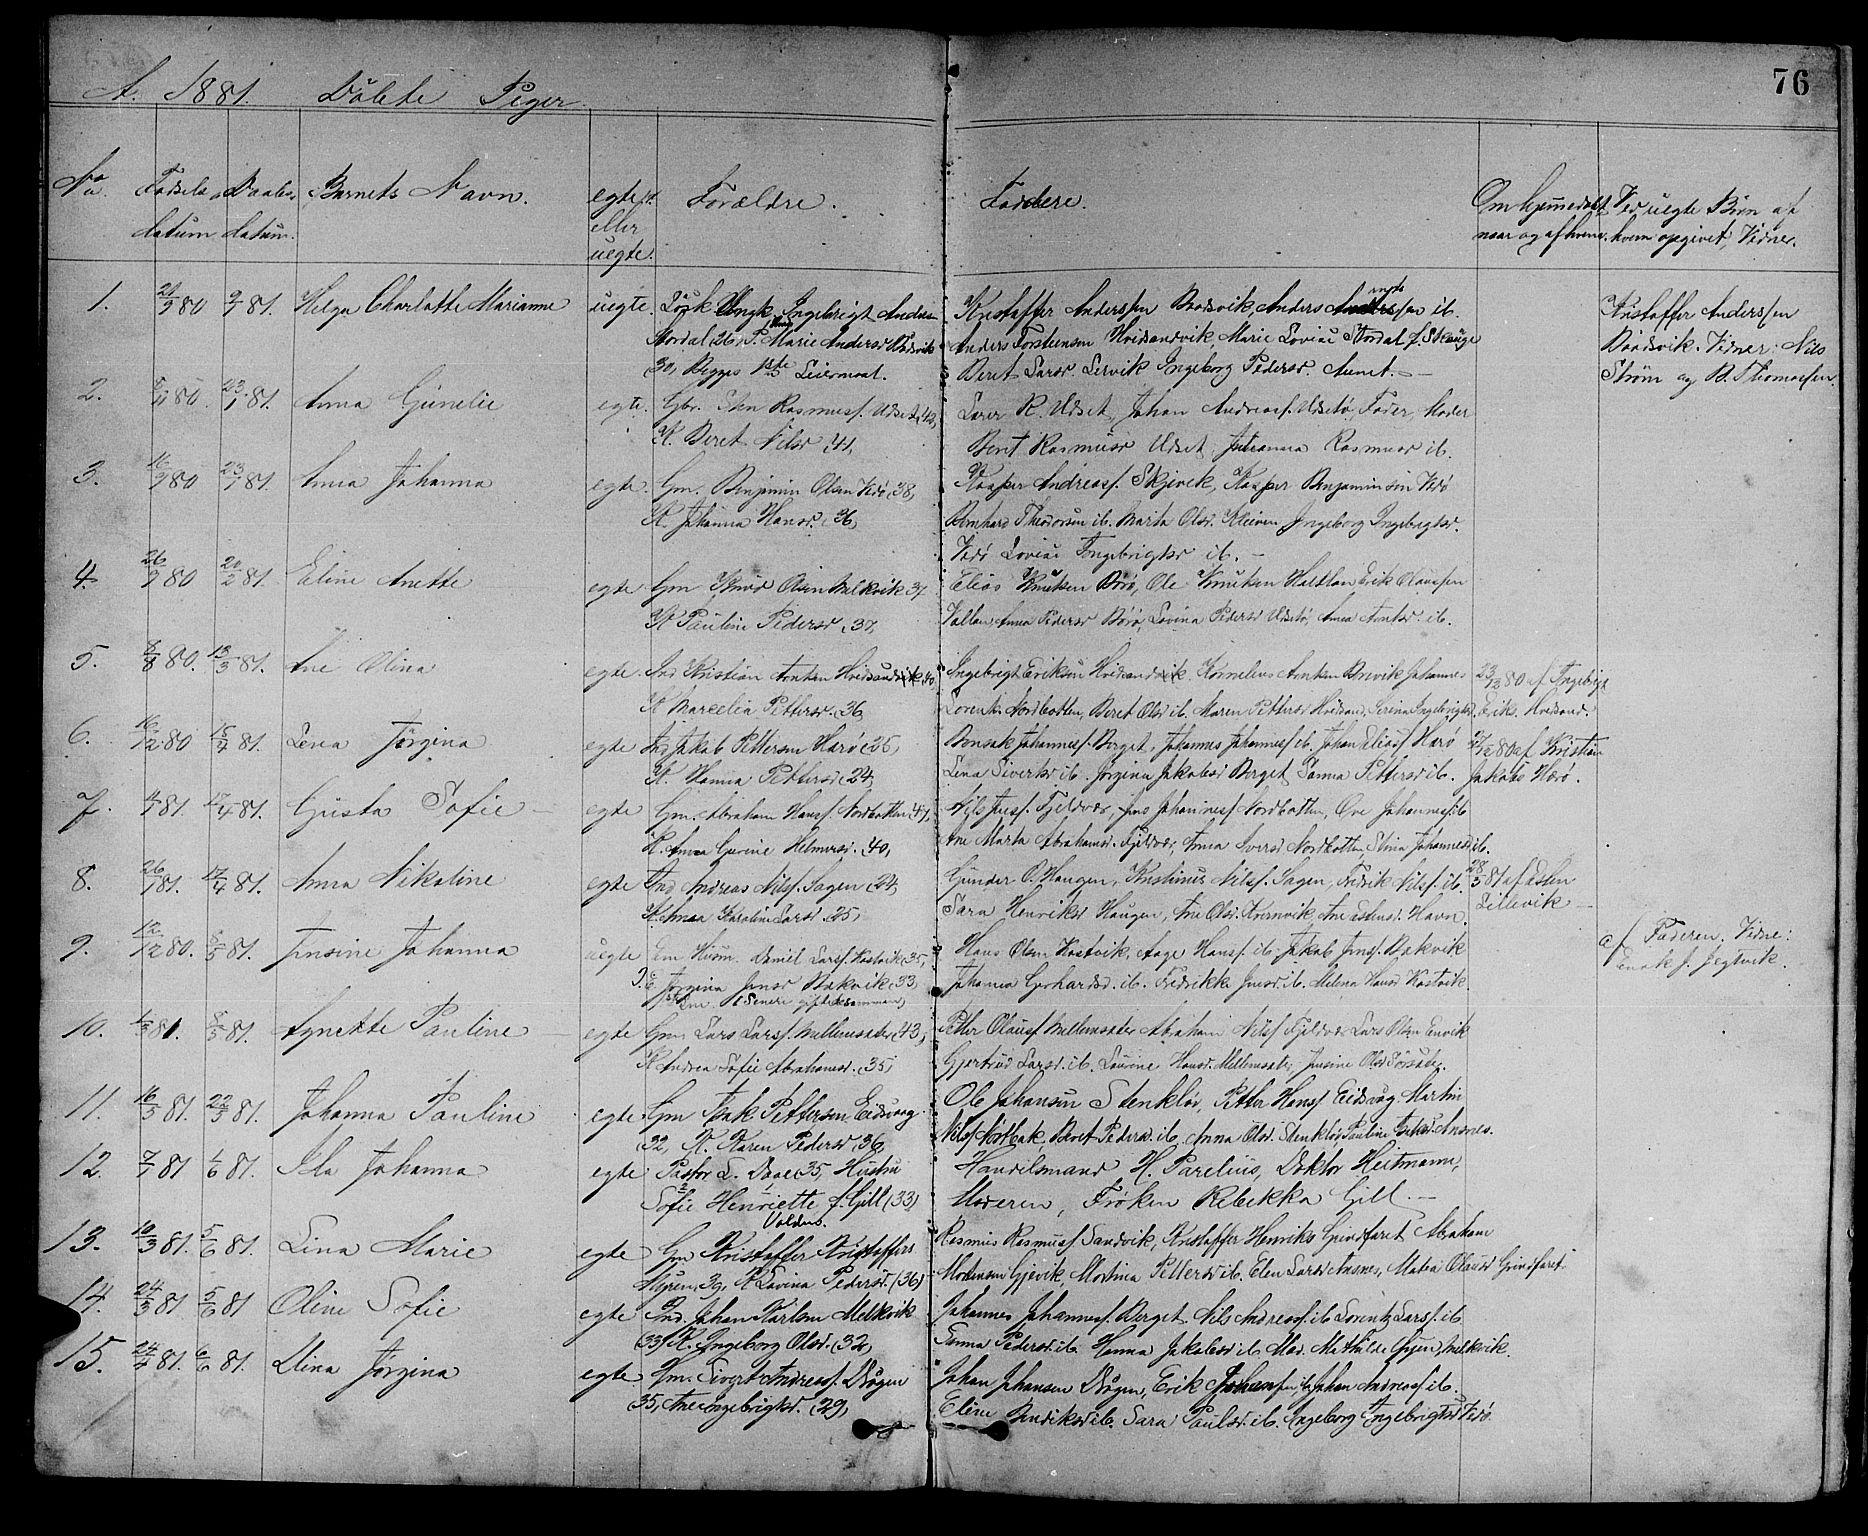 SAT, Ministerialprotokoller, klokkerbøker og fødselsregistre - Sør-Trøndelag, 637/L0561: Klokkerbok nr. 637C02, 1873-1882, s. 76